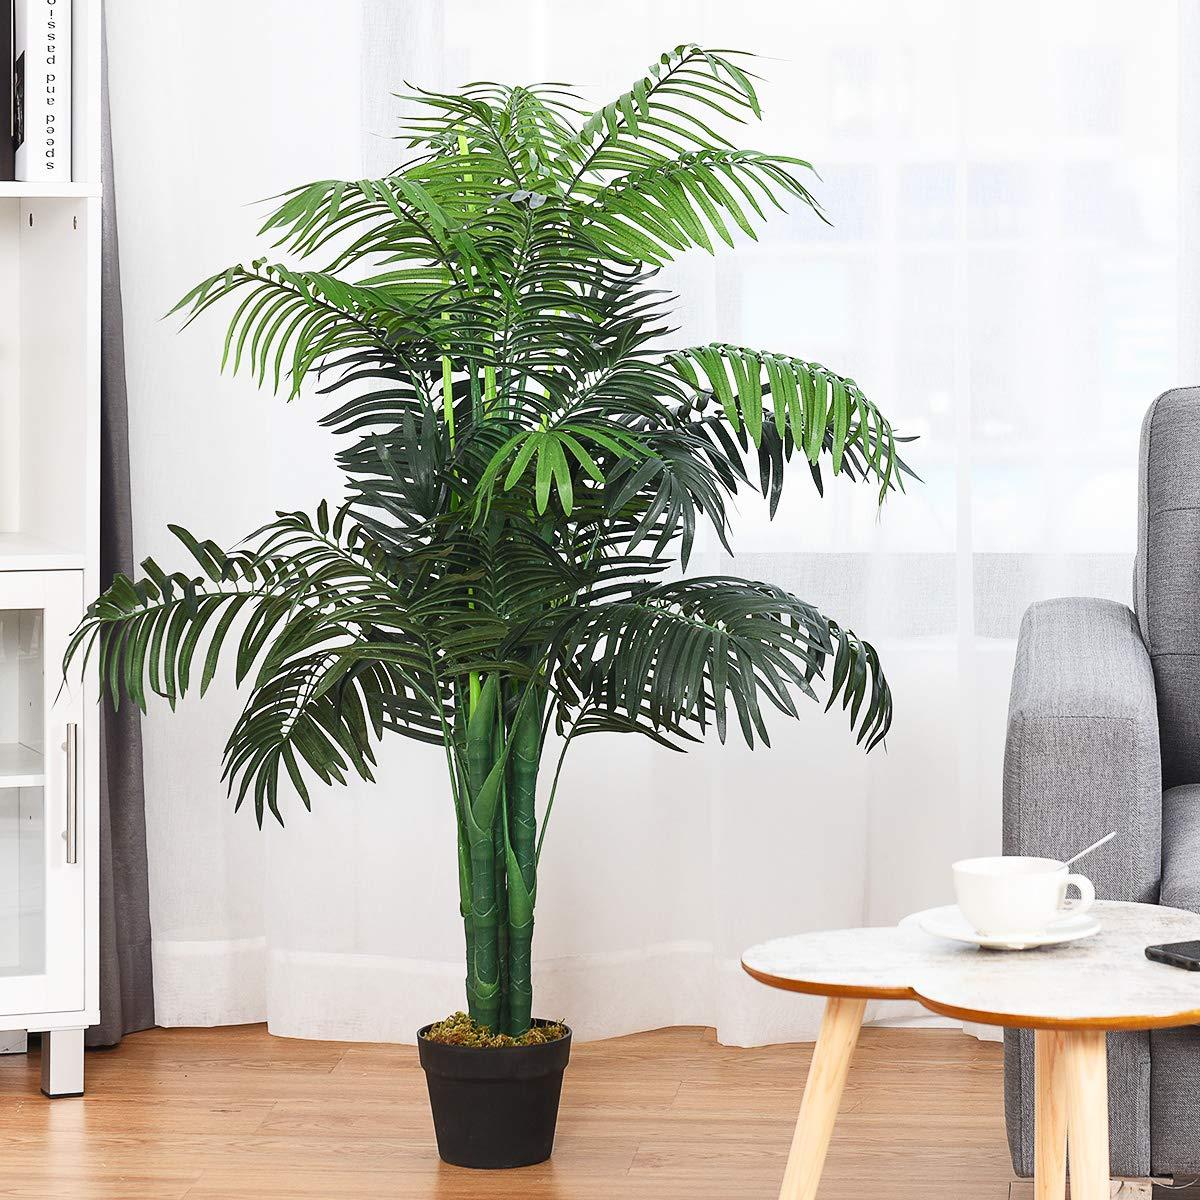 Blitzzauber24 Albero Artificiale-Palma Areca Piante in Vaso da Giardino,Perfetto per Casa o Ufficio,Altezza 110CM